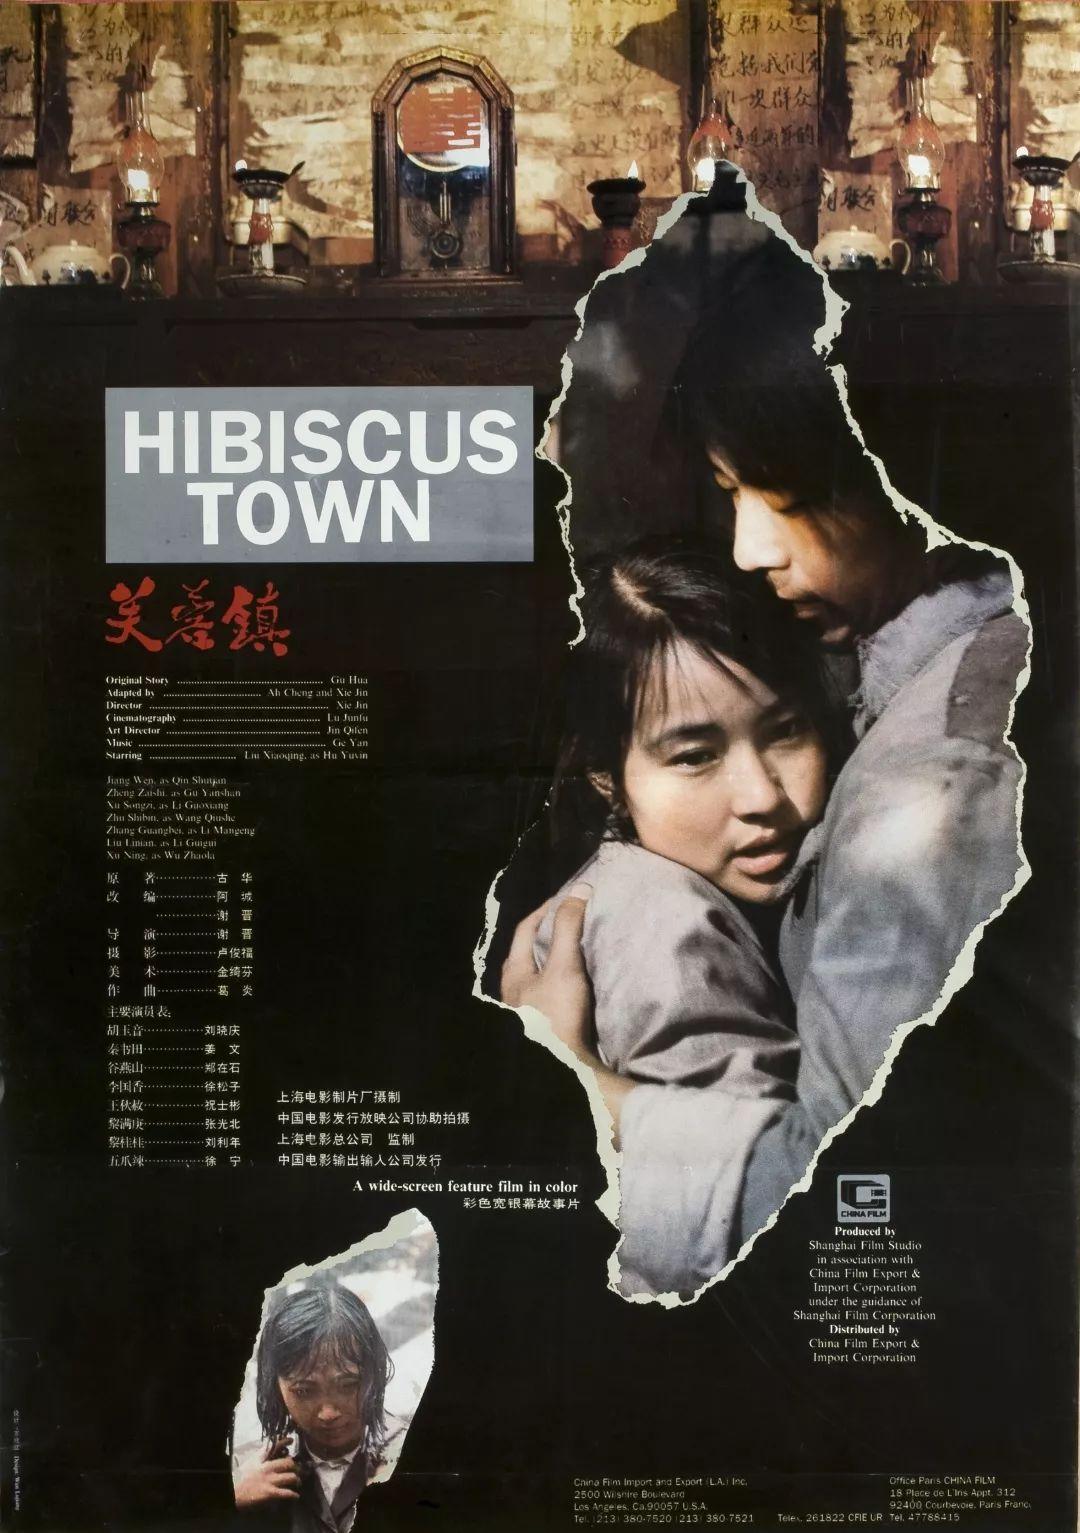 光影70年,这些上海电影的时光留影,唤醒多少小辰光的记忆和怀念